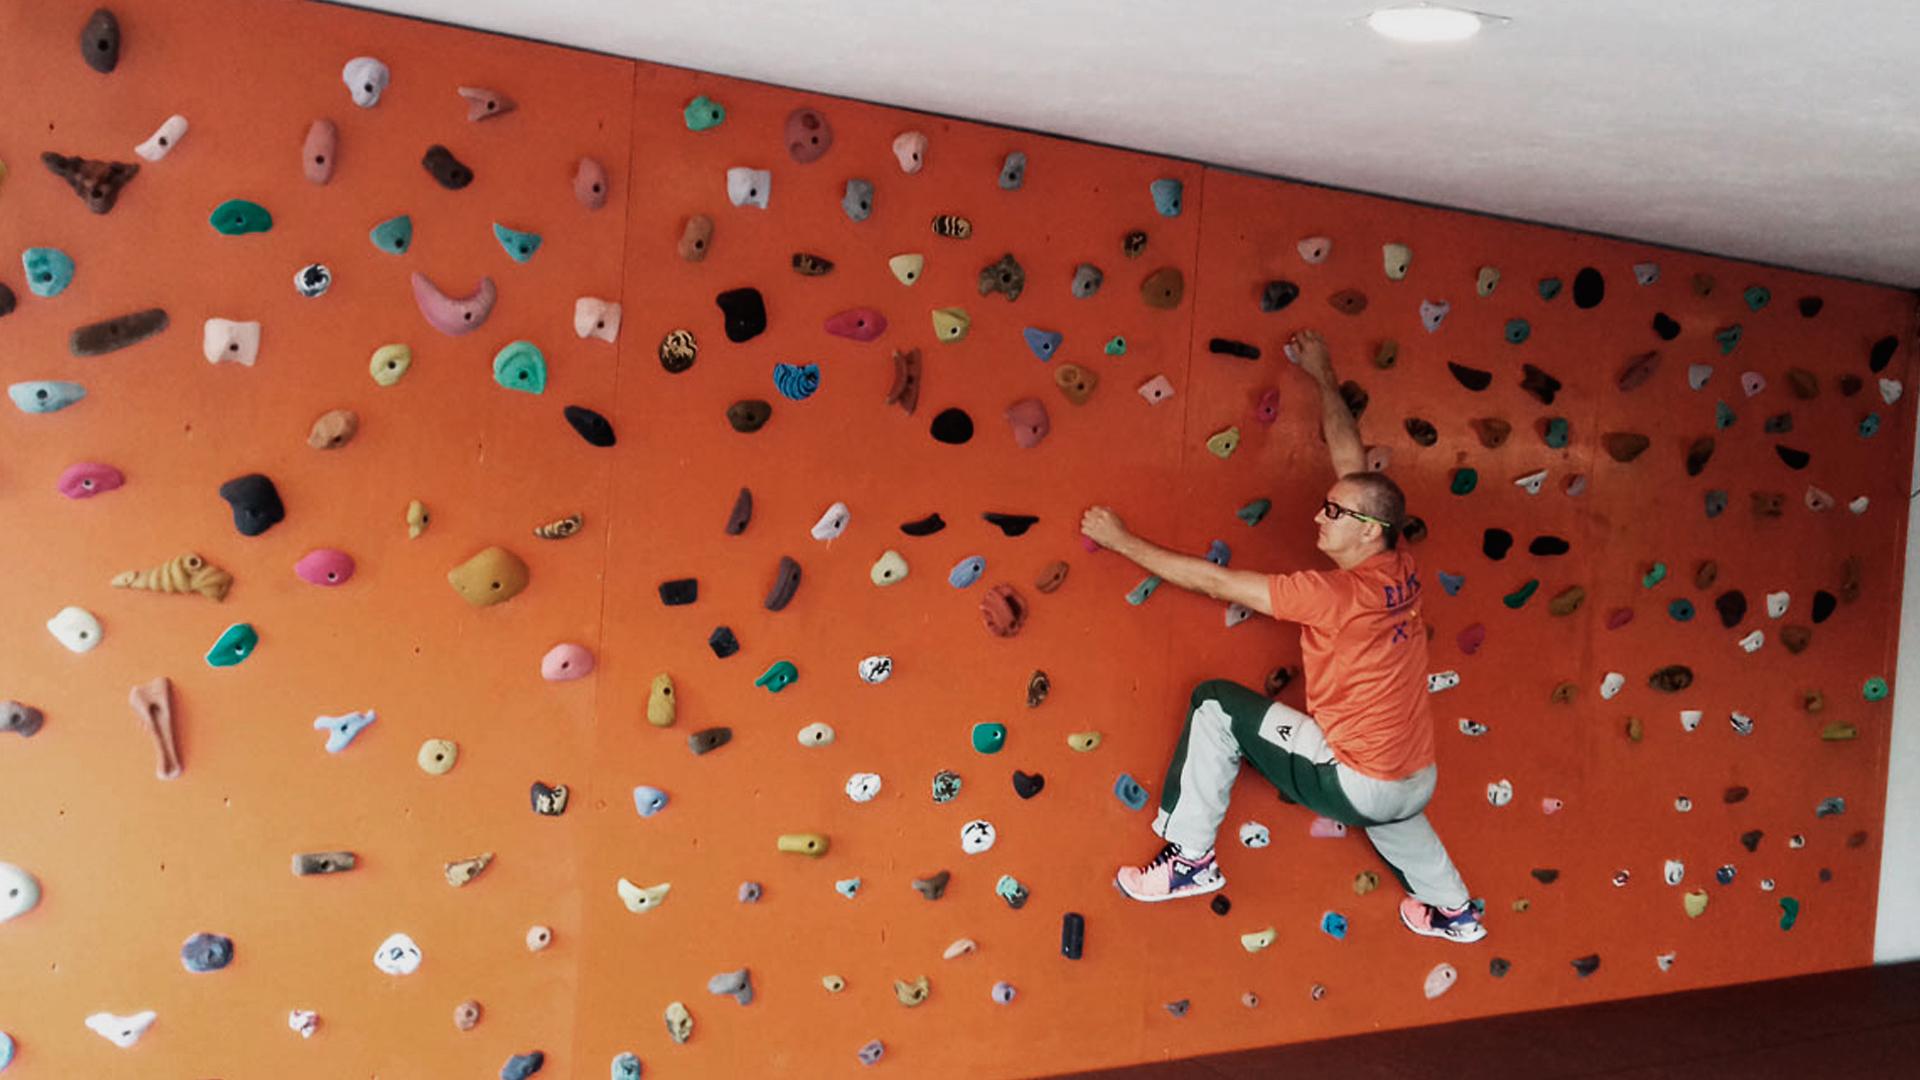 Homem praticando escalada indoor em uma parede laranja.